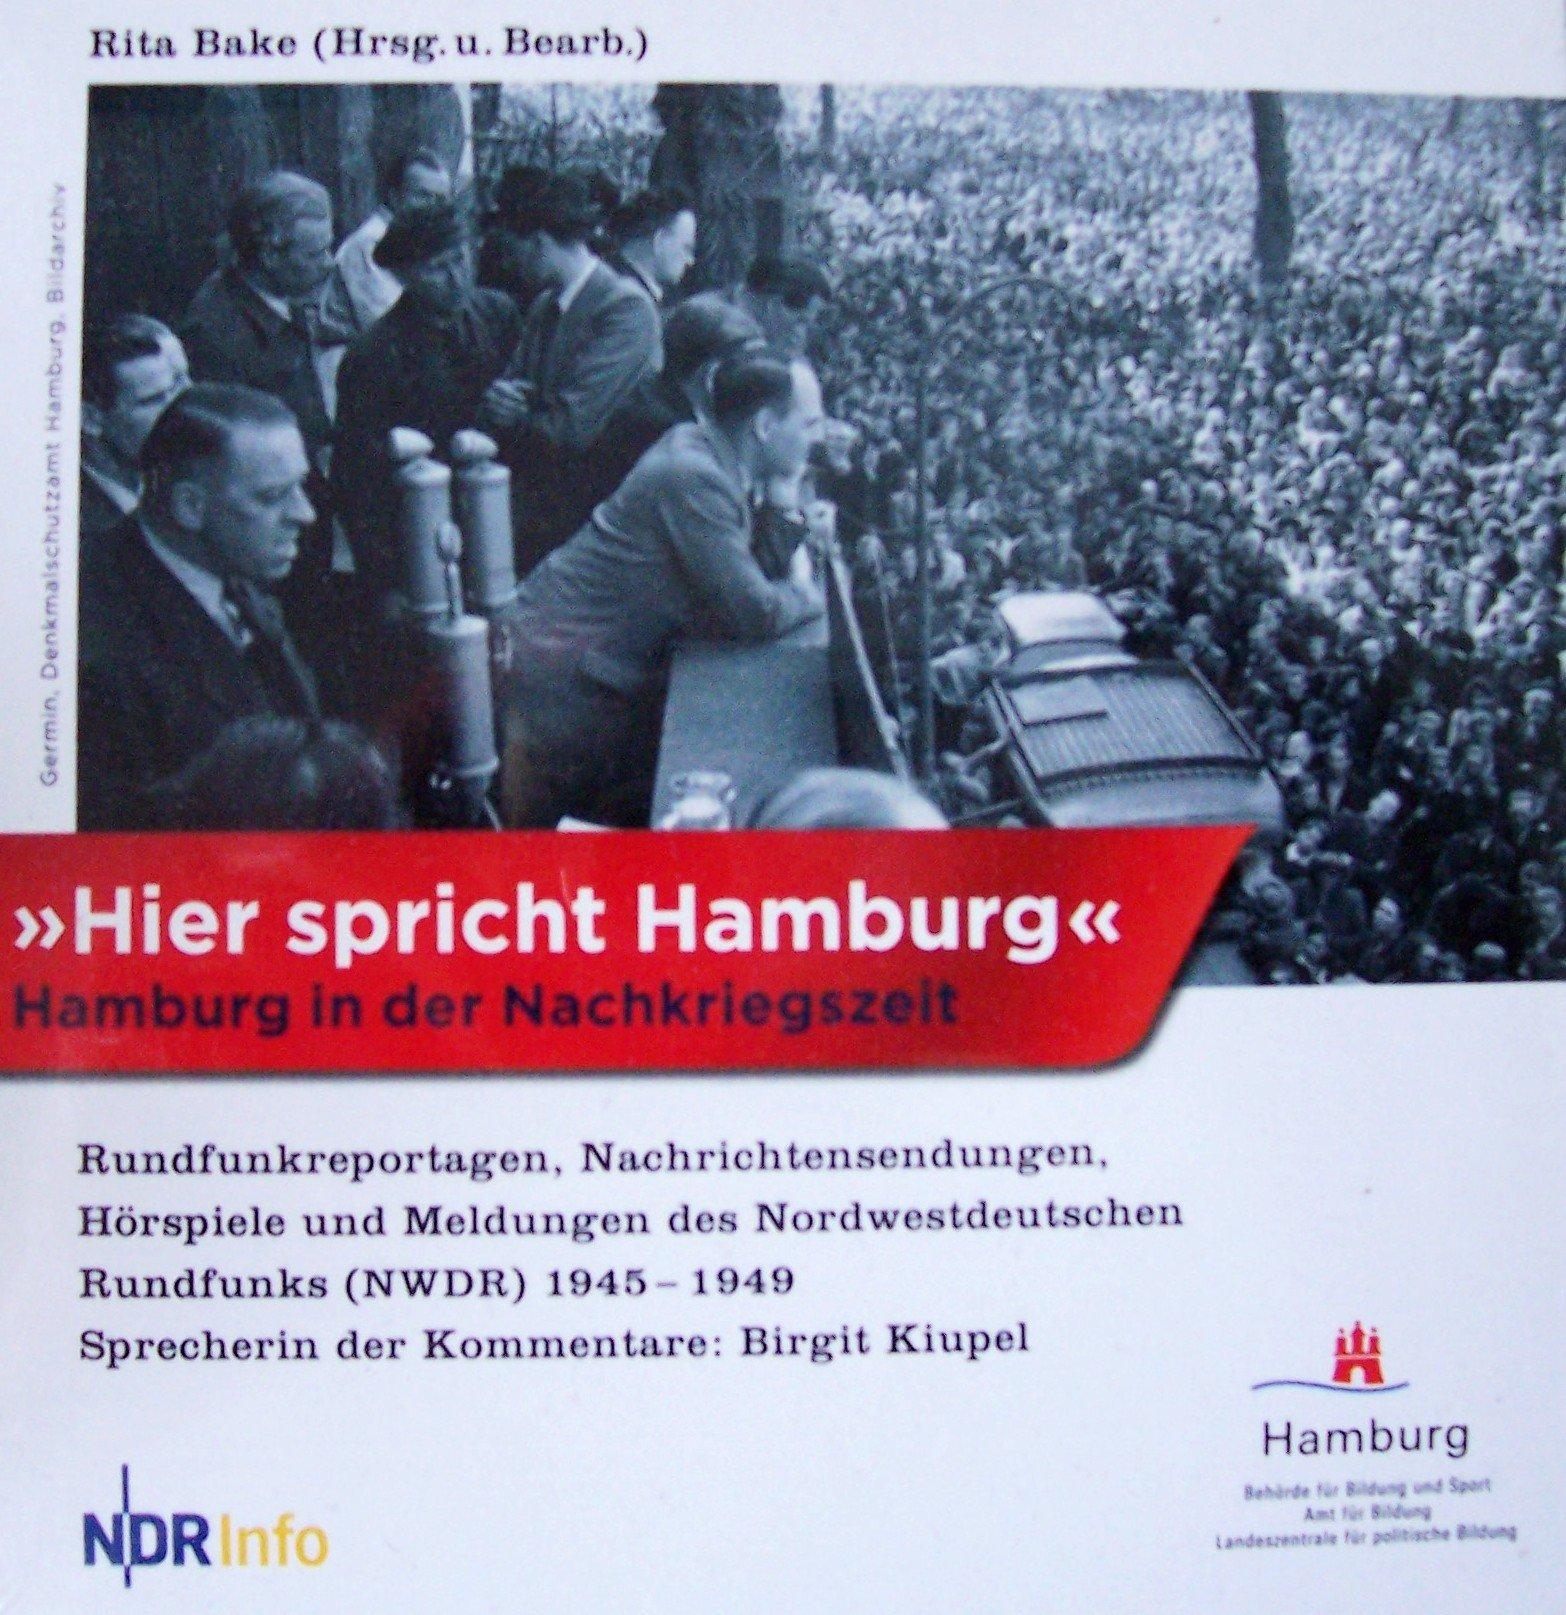 Hier spricht Hamburg: Hamburg in der Nachkriegszeit